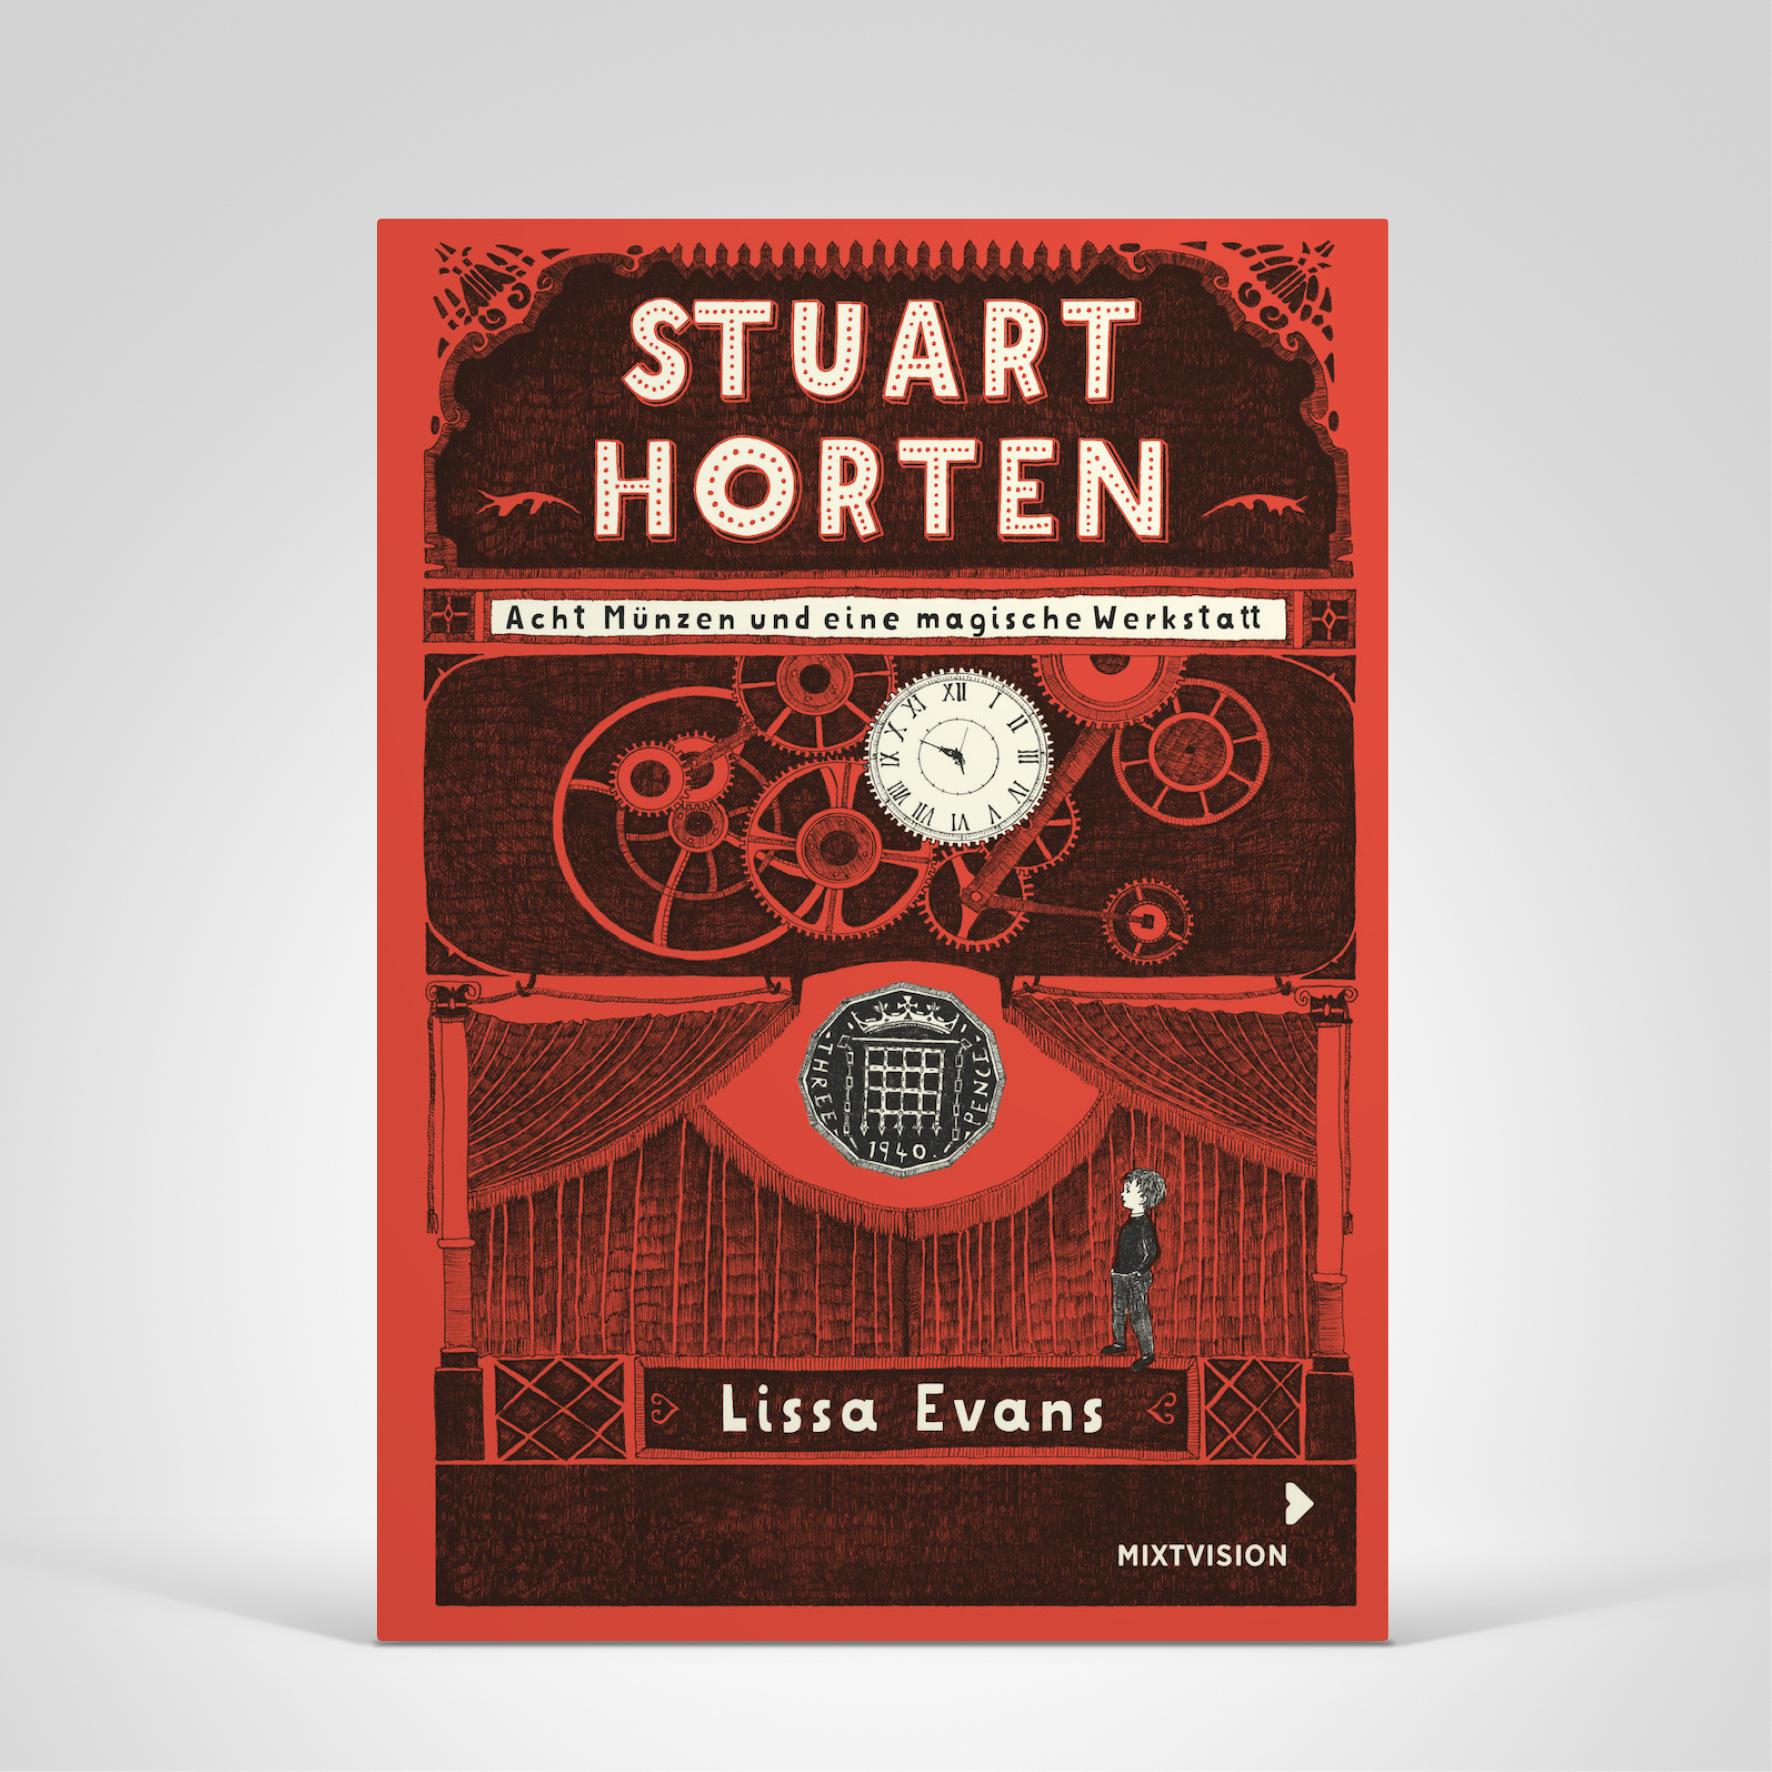 Stuart Horten Band 1, Cover-Abbildung